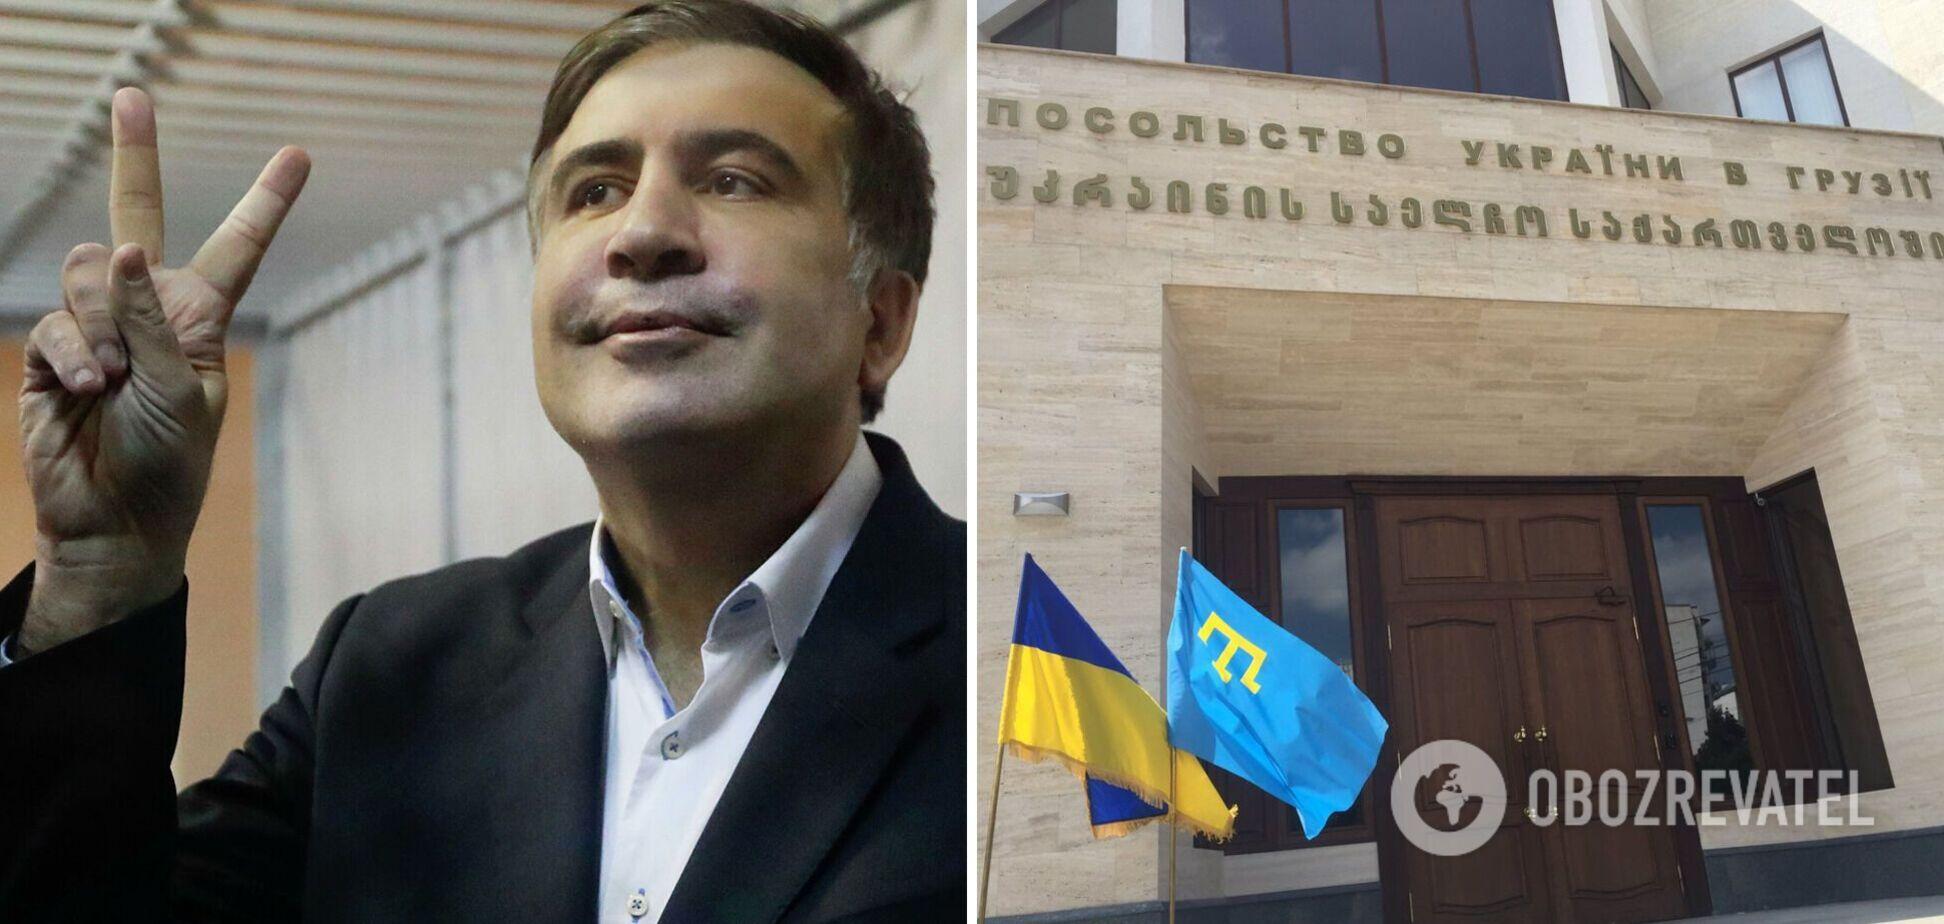 Український консул у Грузії зустрілася з Саакашвілі у в'язниці